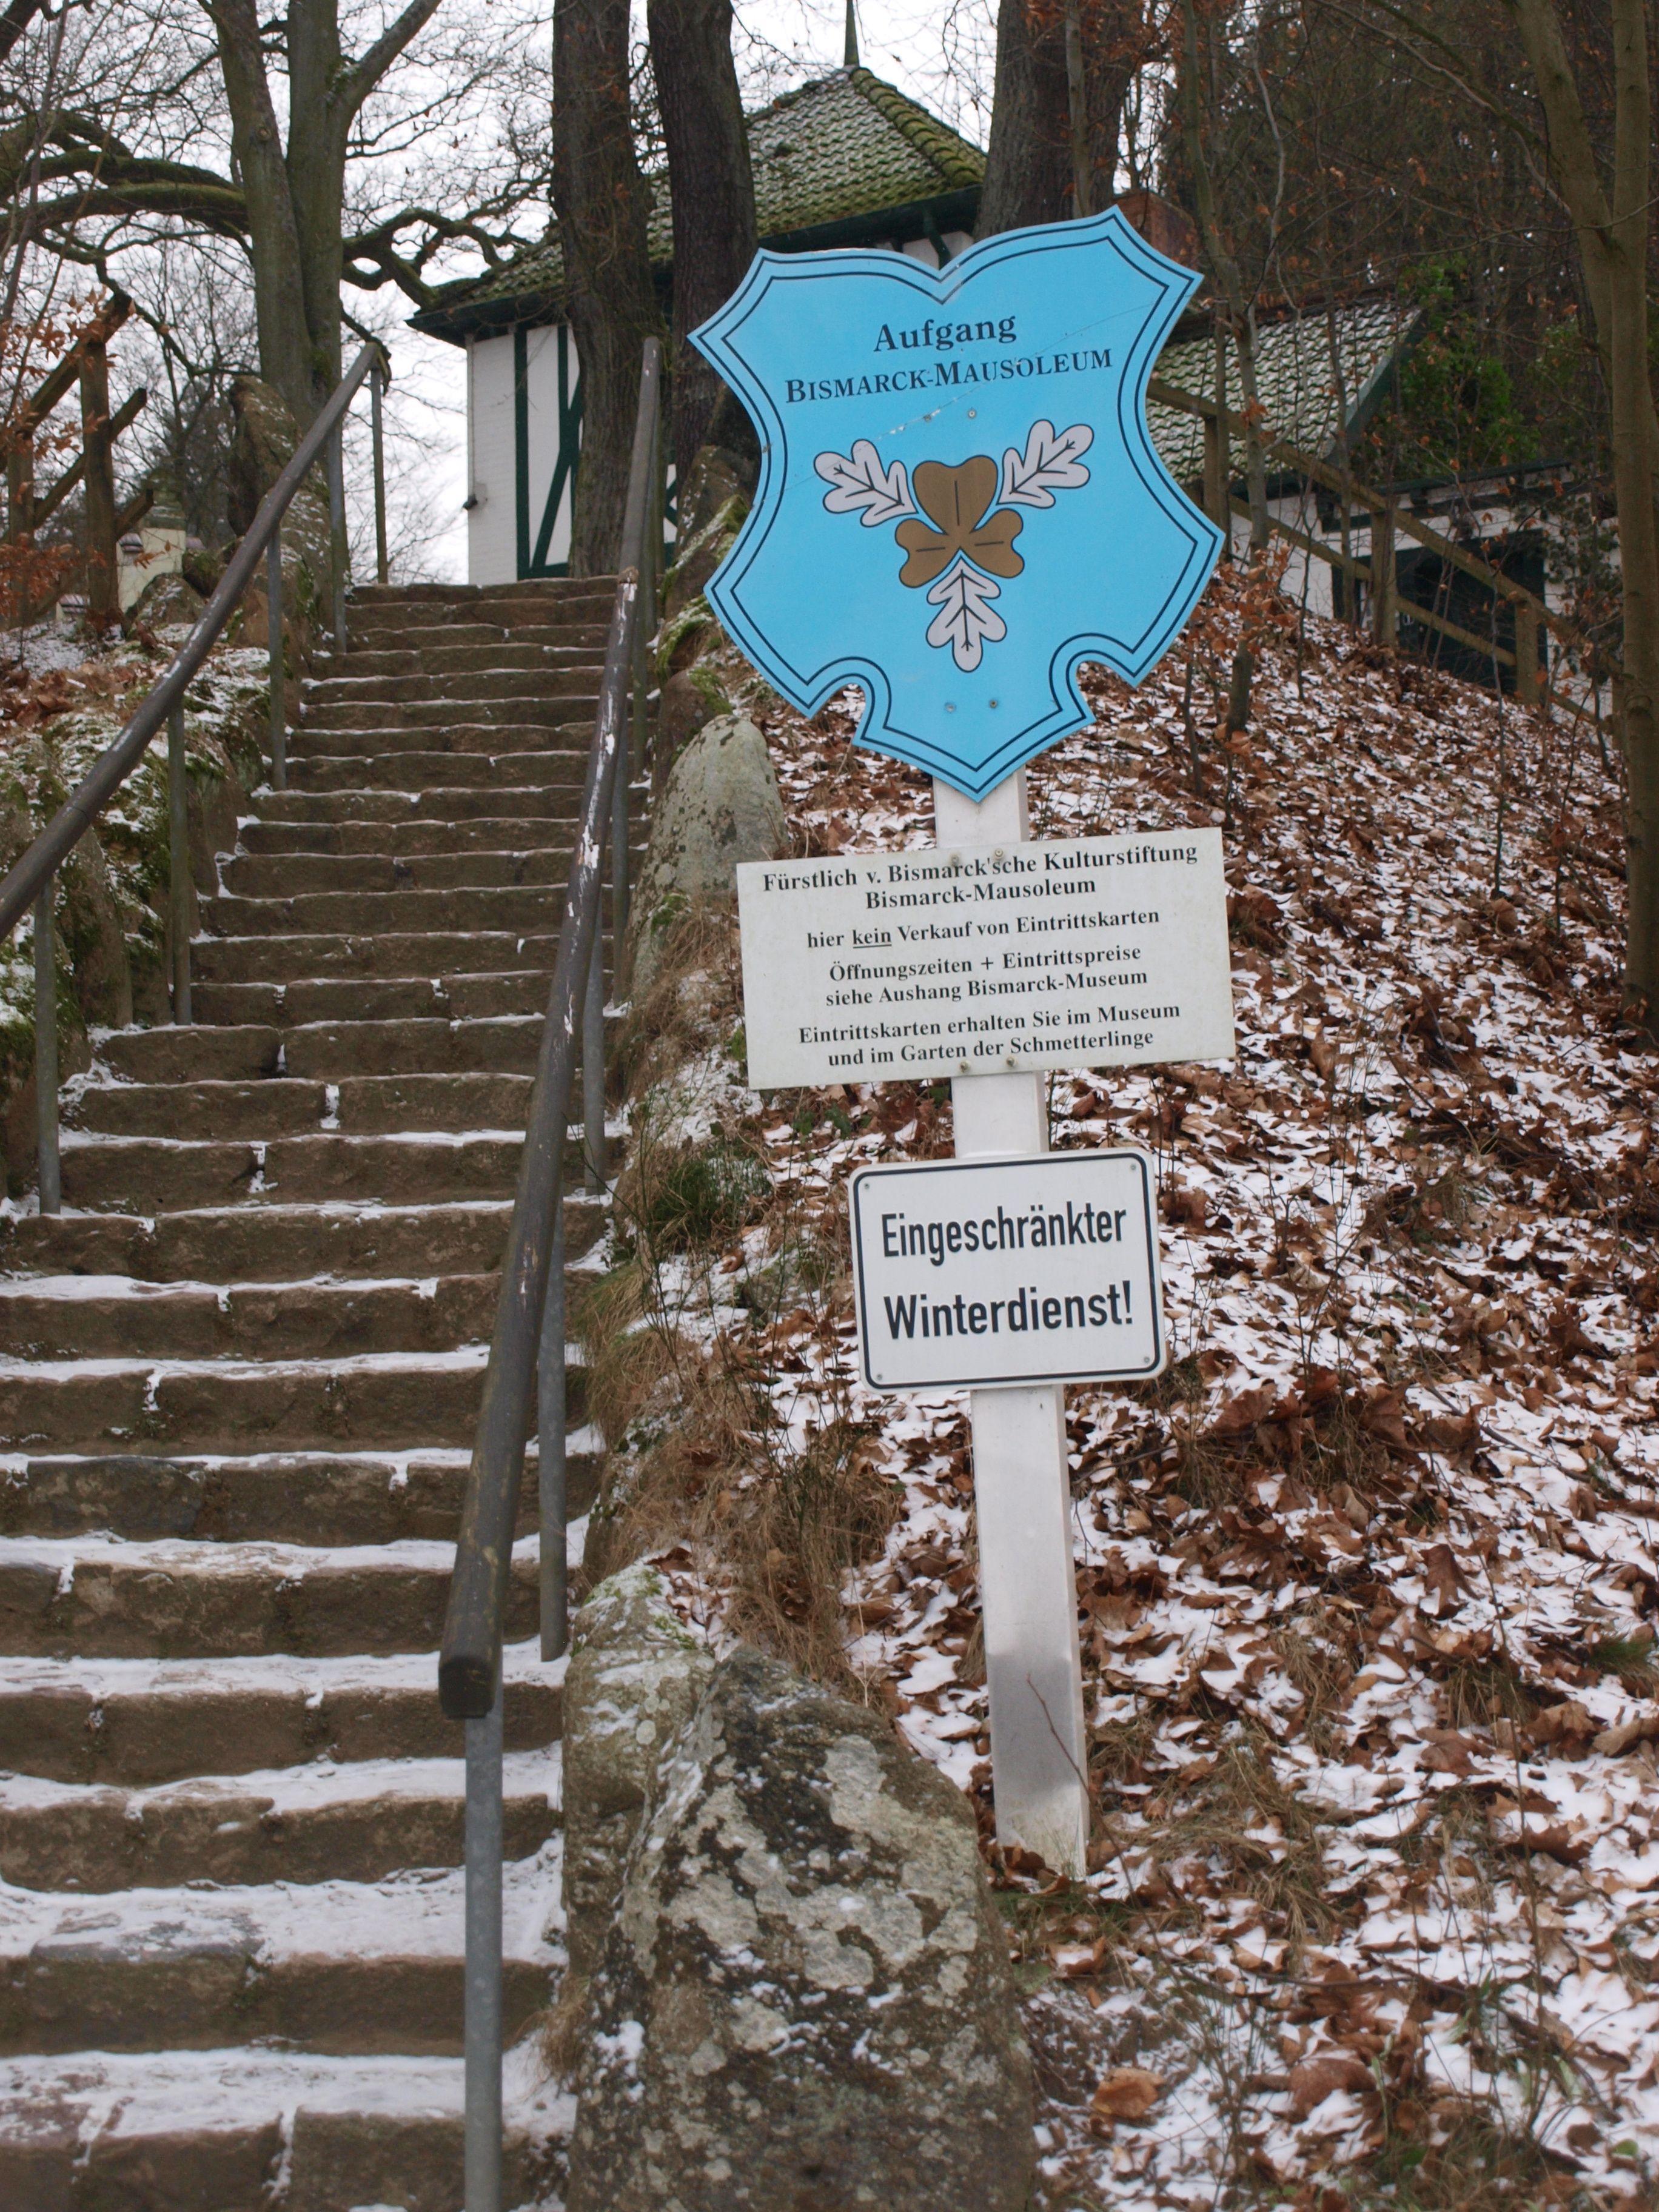 Friedrichsruh Aufgang Zum Bismarck Mausoleum Bismarck Bilder Winter